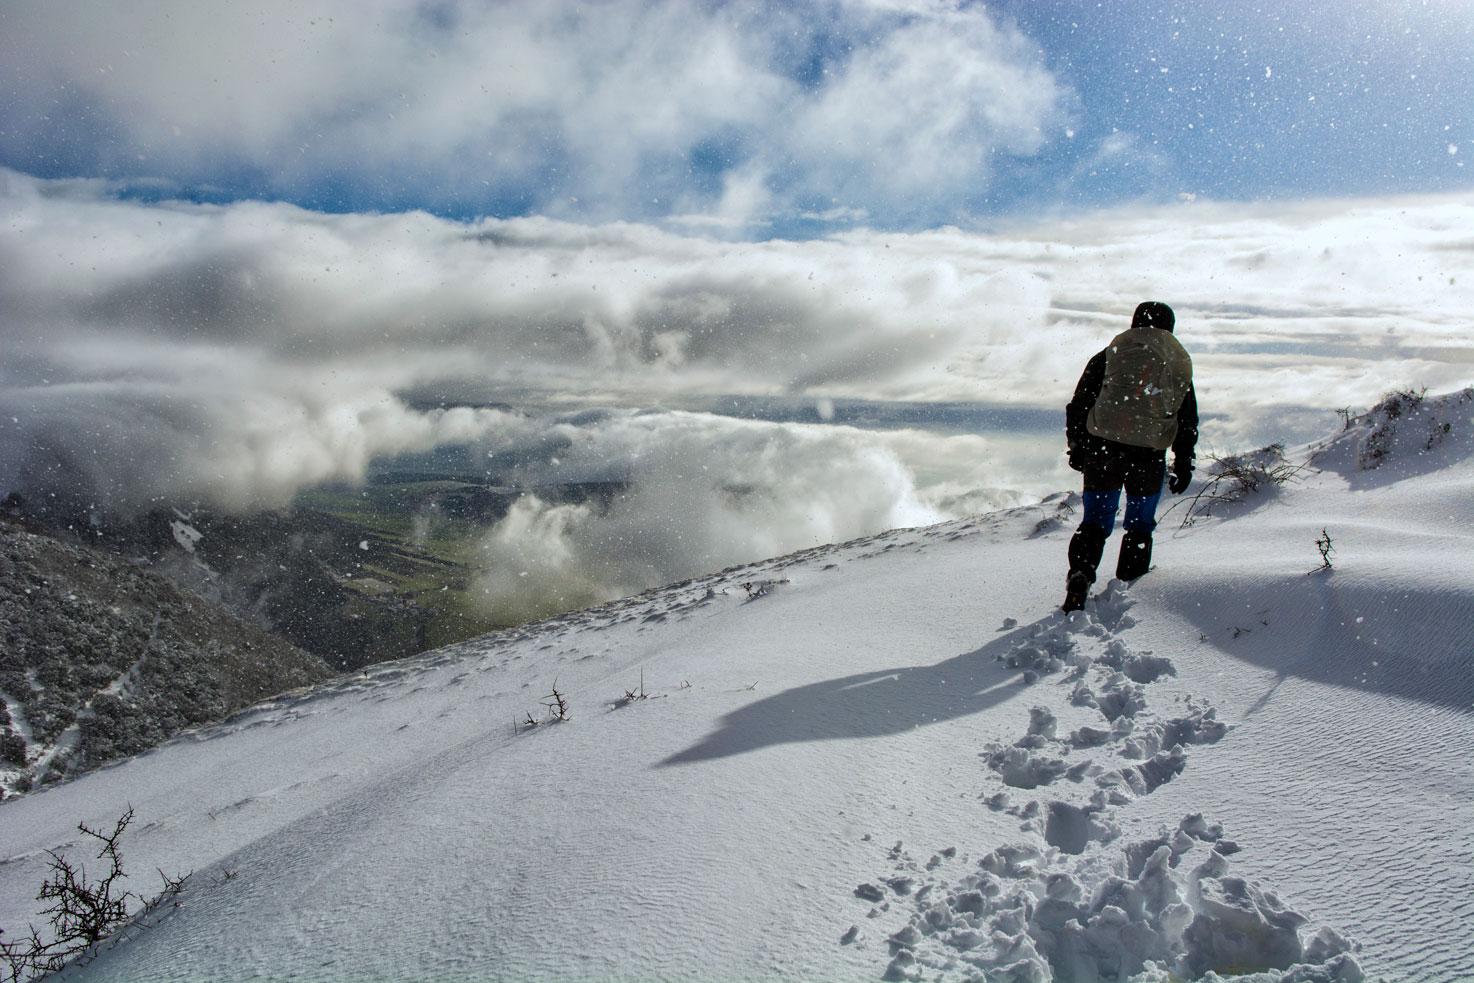 Travesía en la nieve - Archivo - Iñaki Larrea, Fotografía de naturaleza y montaña